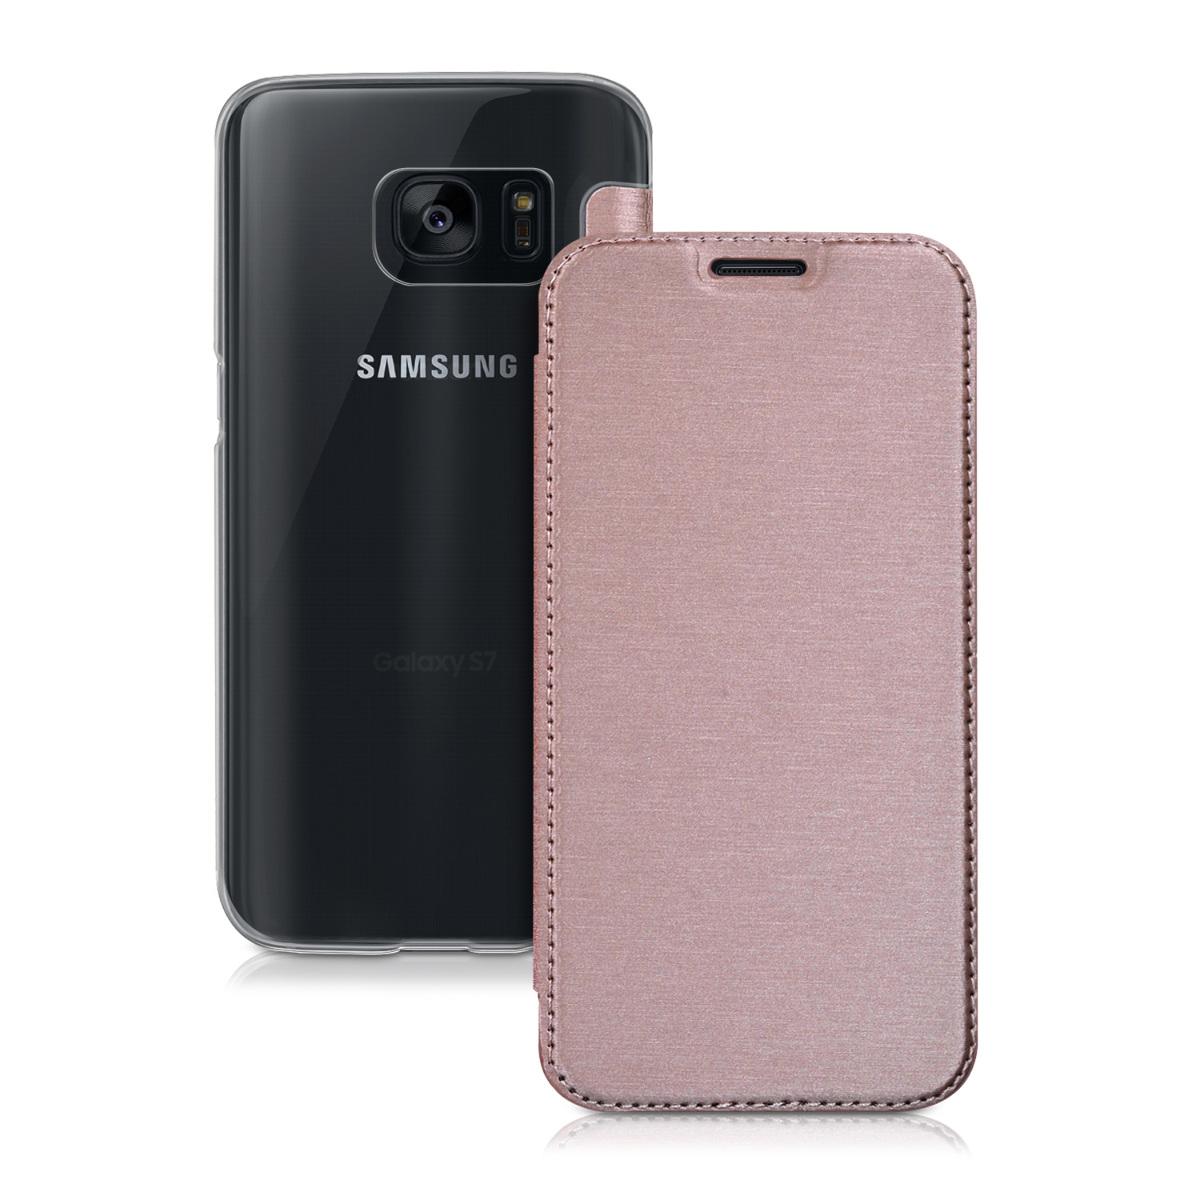 Kvalitní plastové pouzdro pro Samsung S7 - starorůžové rosegold / transparentní